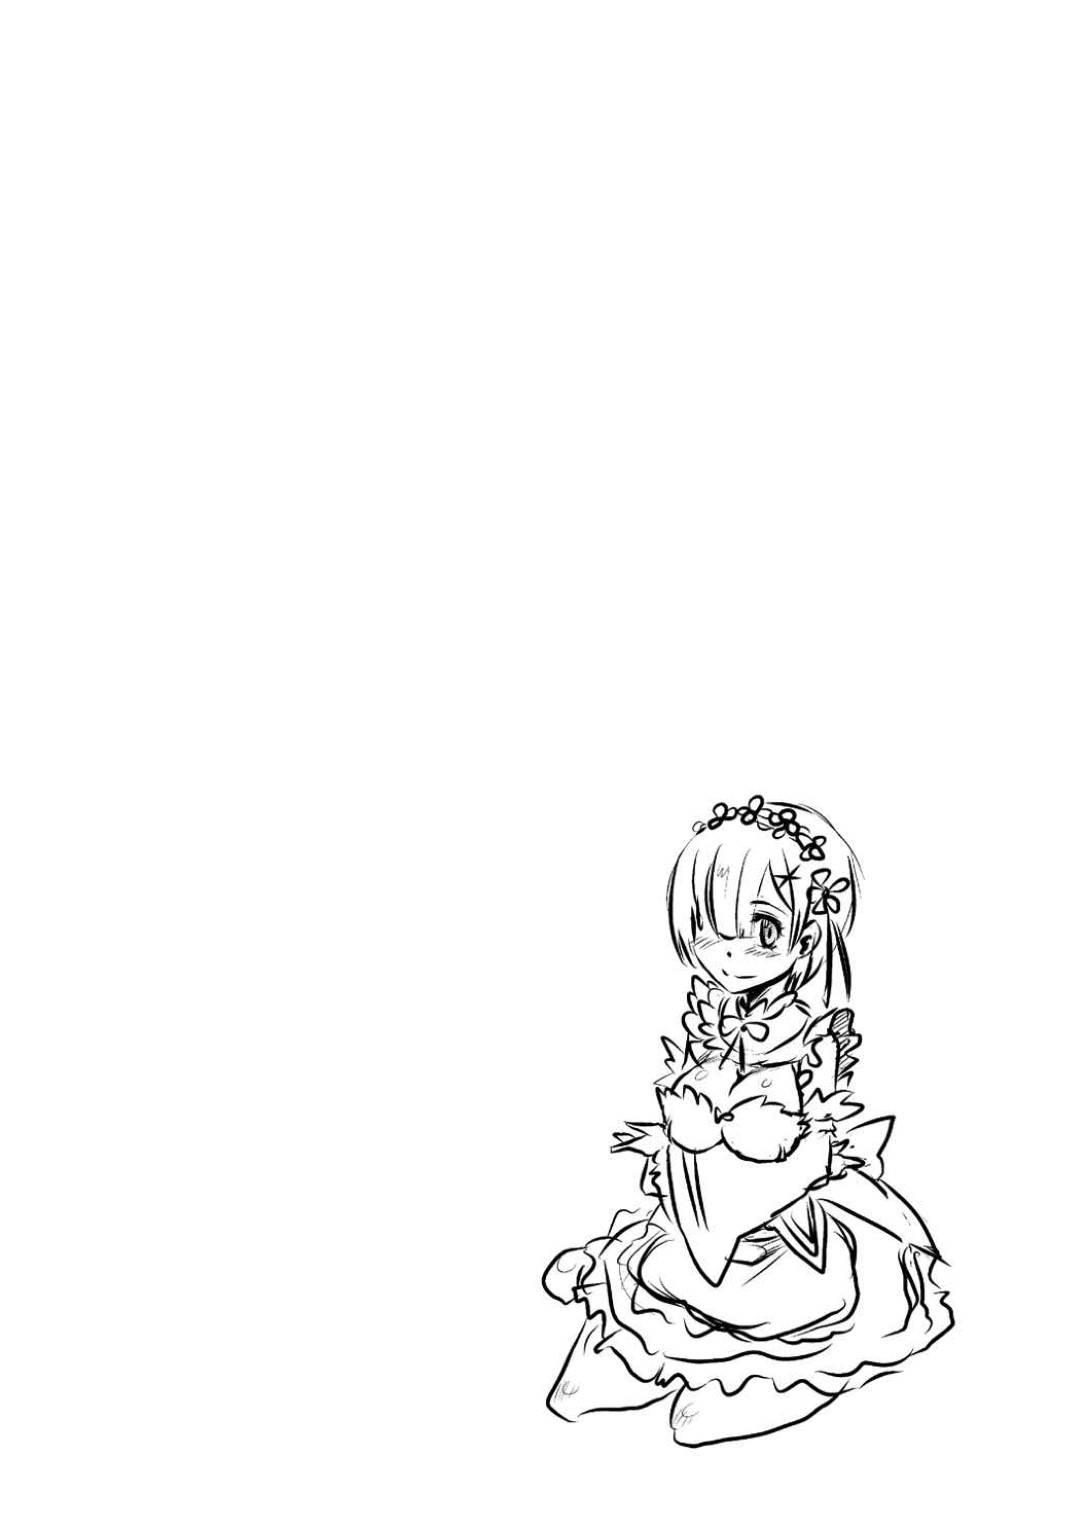 【エロ同人誌】拘束されたスバルの目の前で鬼畜男たちに犯されるレム…無理やり処女を奪われたあと交代で激しく輪姦され連続中出し陵辱レイプで寝取られ絶頂【Re:ゼロ】